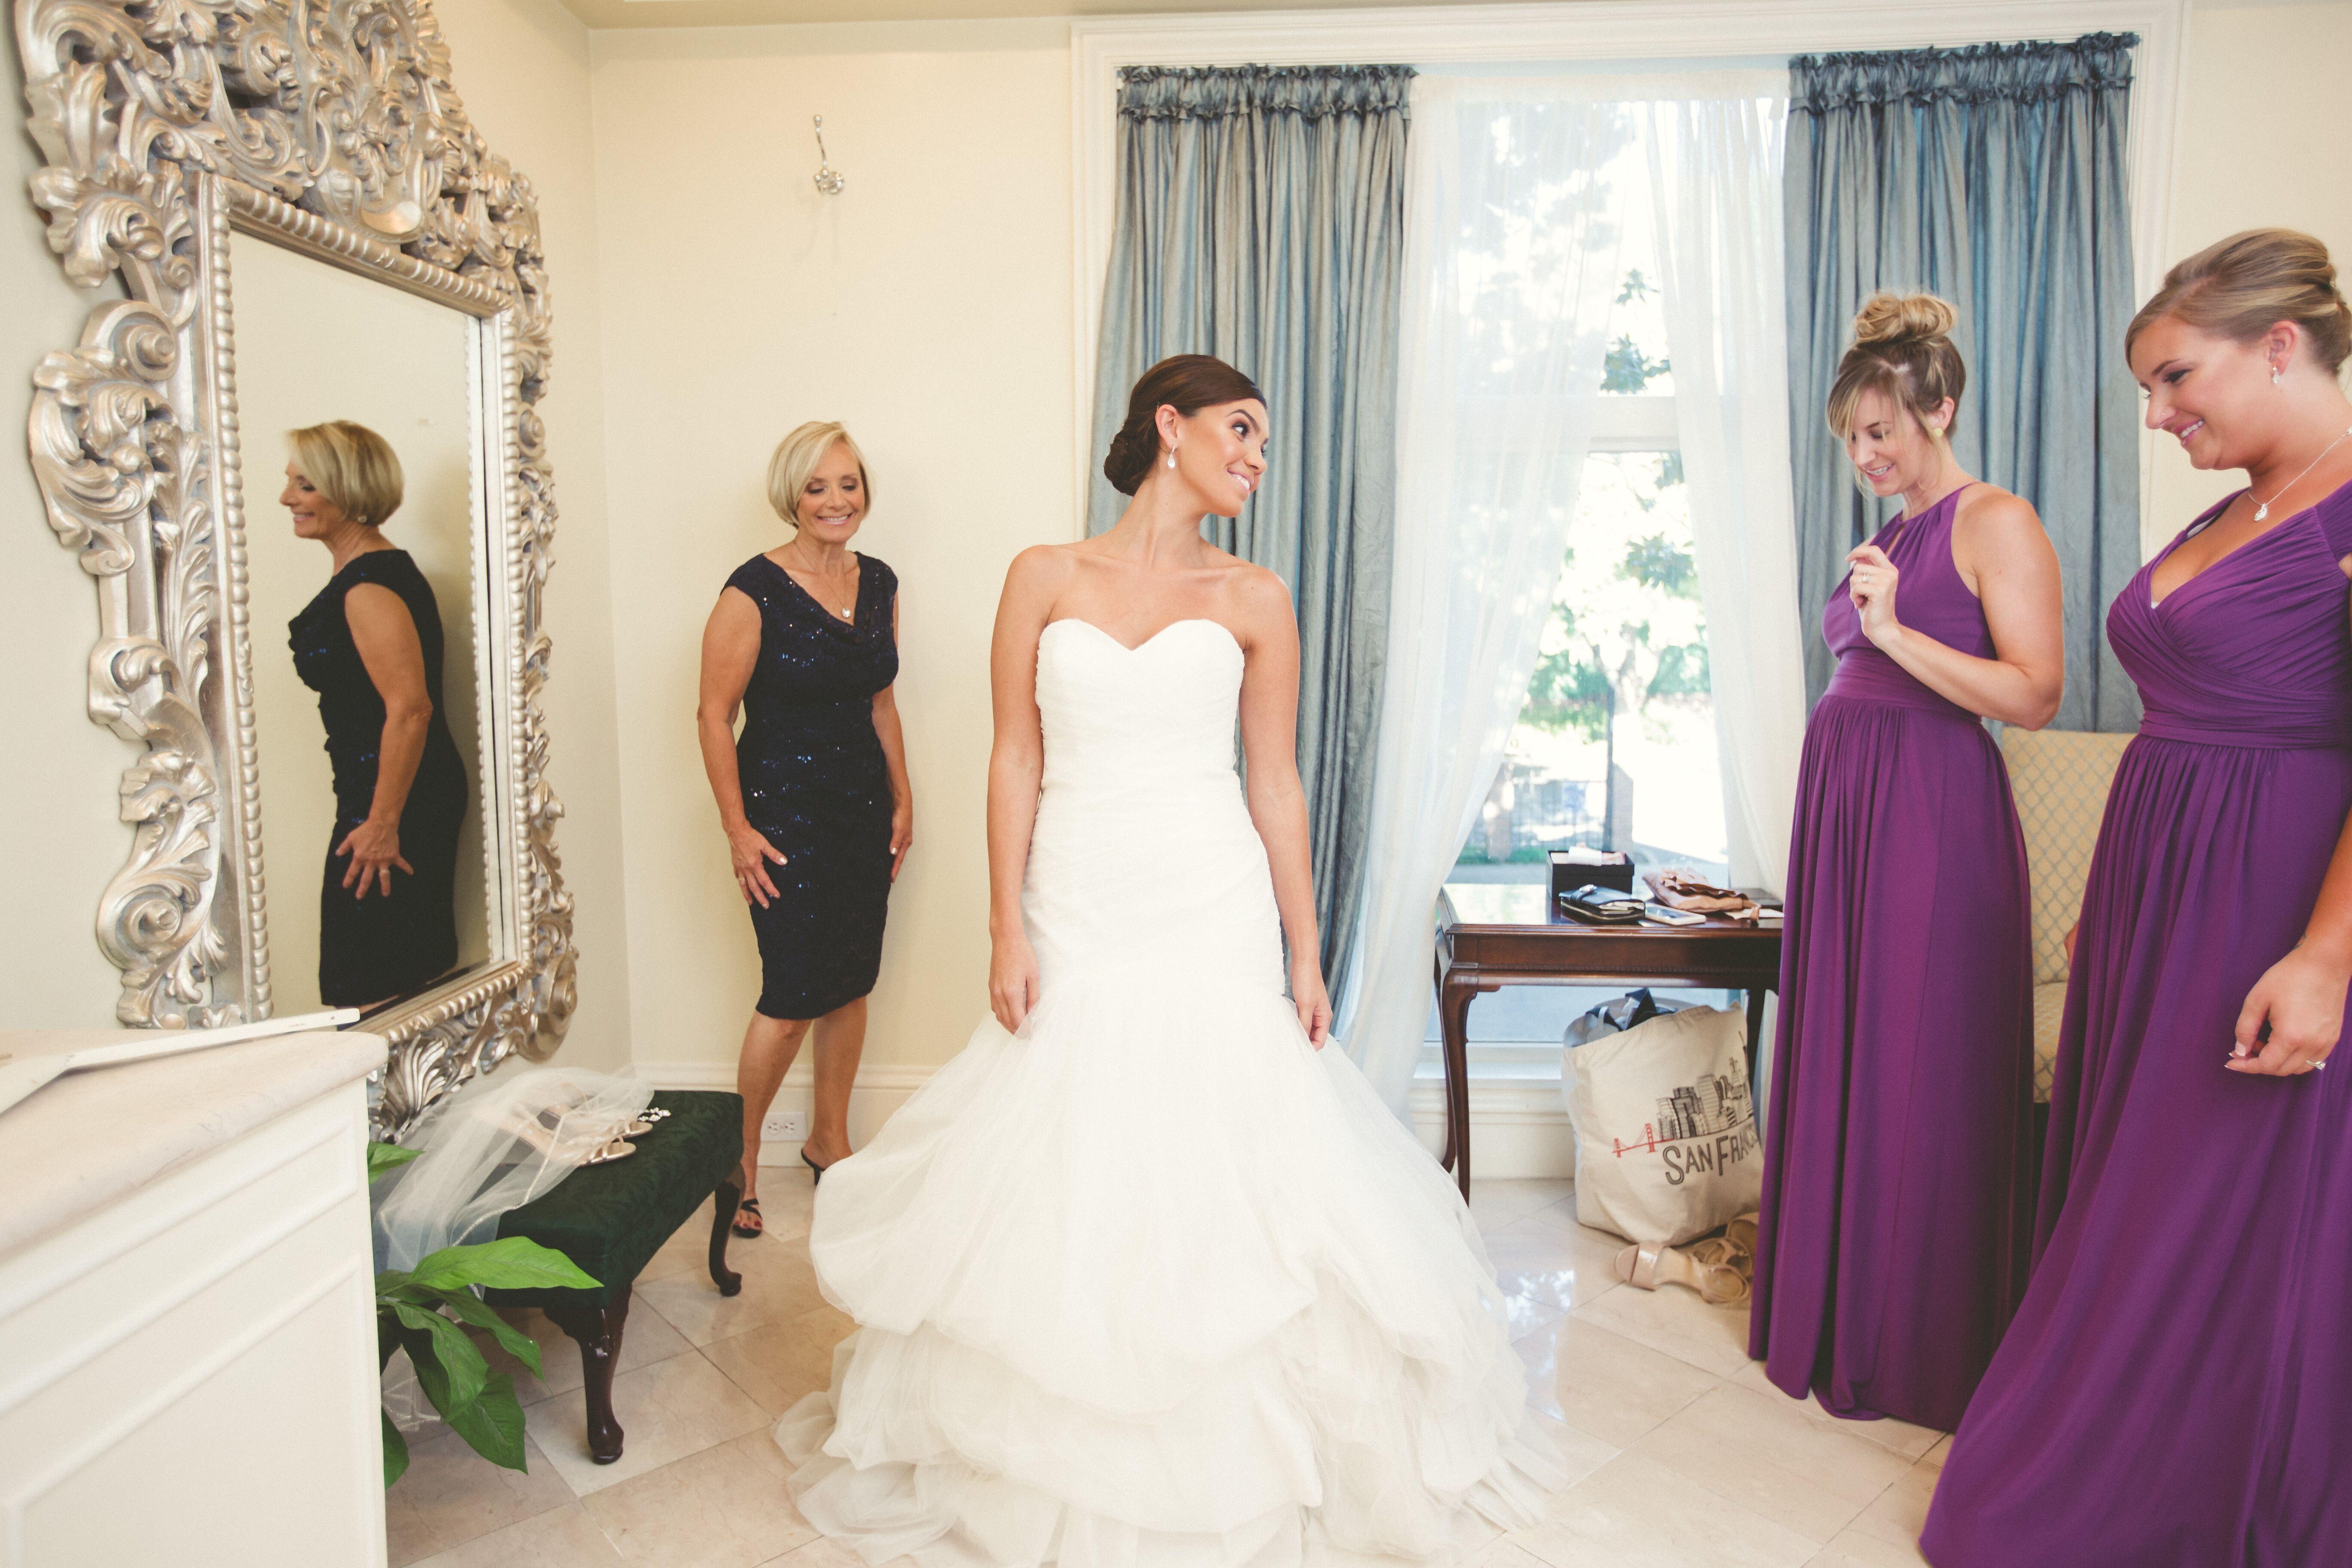 Luxury Outdoor Wedding Venues In Reno Nv Photo - The Wedding Ideas ...